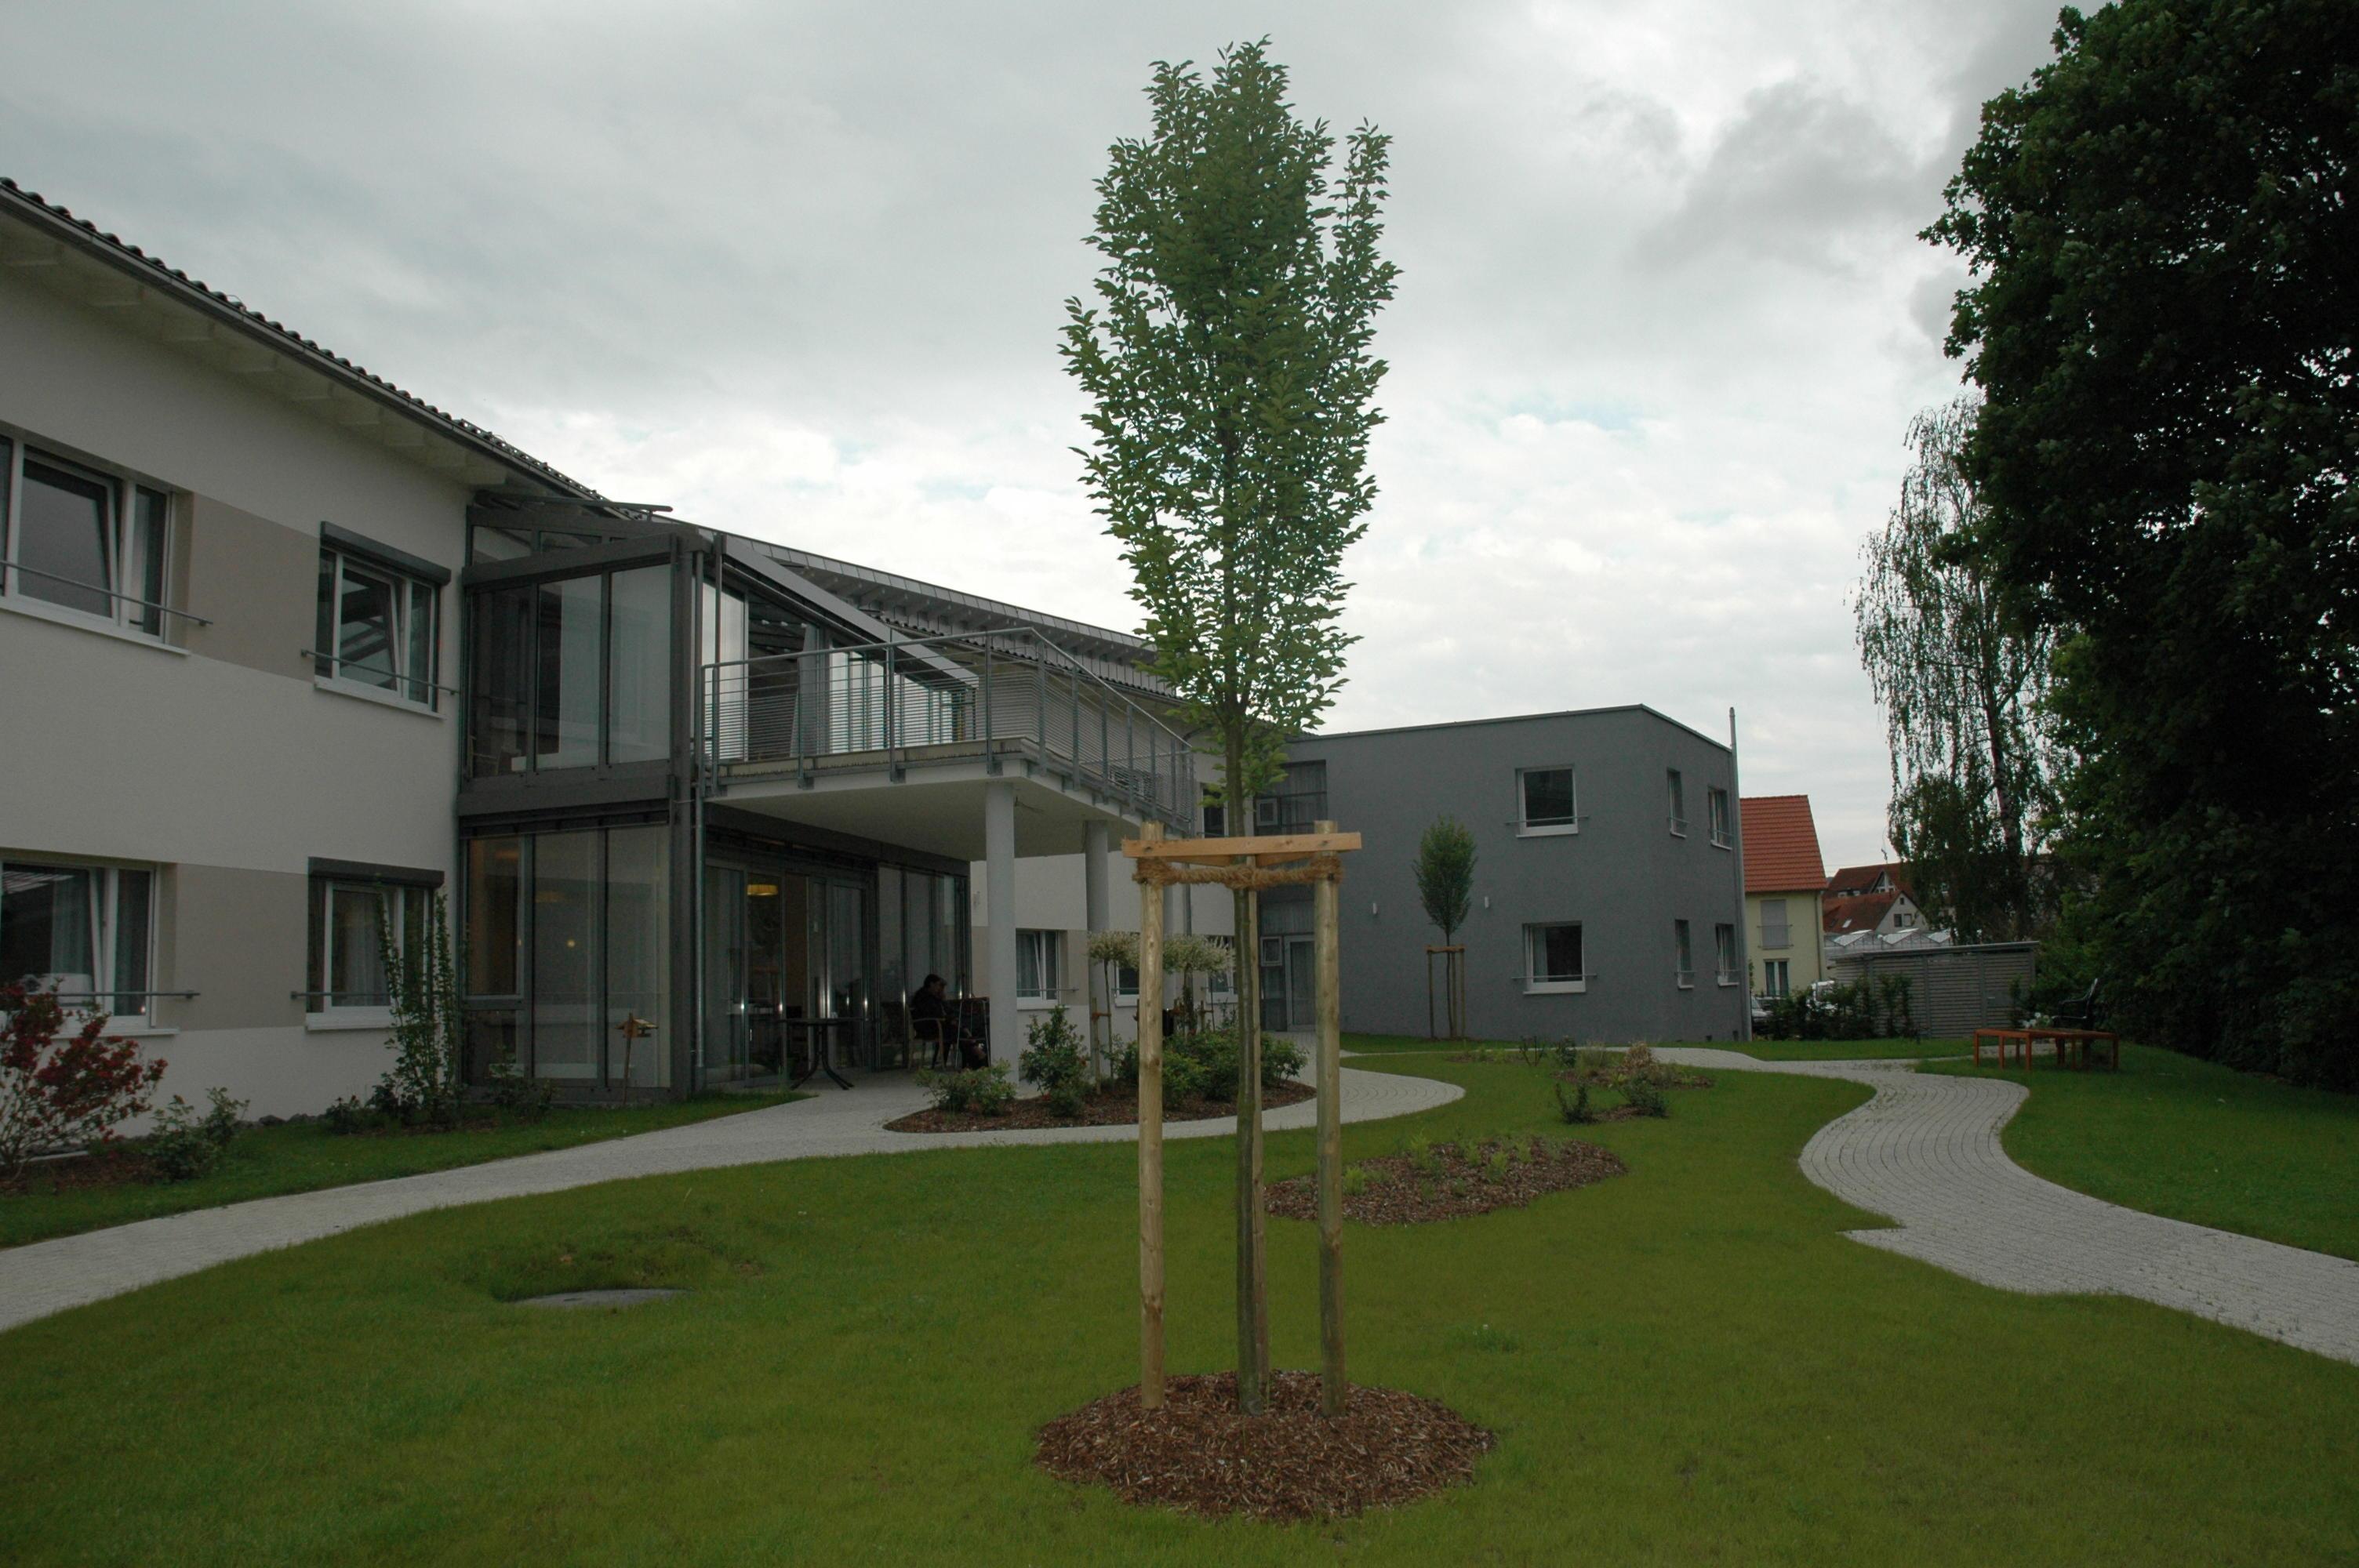 ASB Haus für Pflege und Gesundheit in Schwaigern